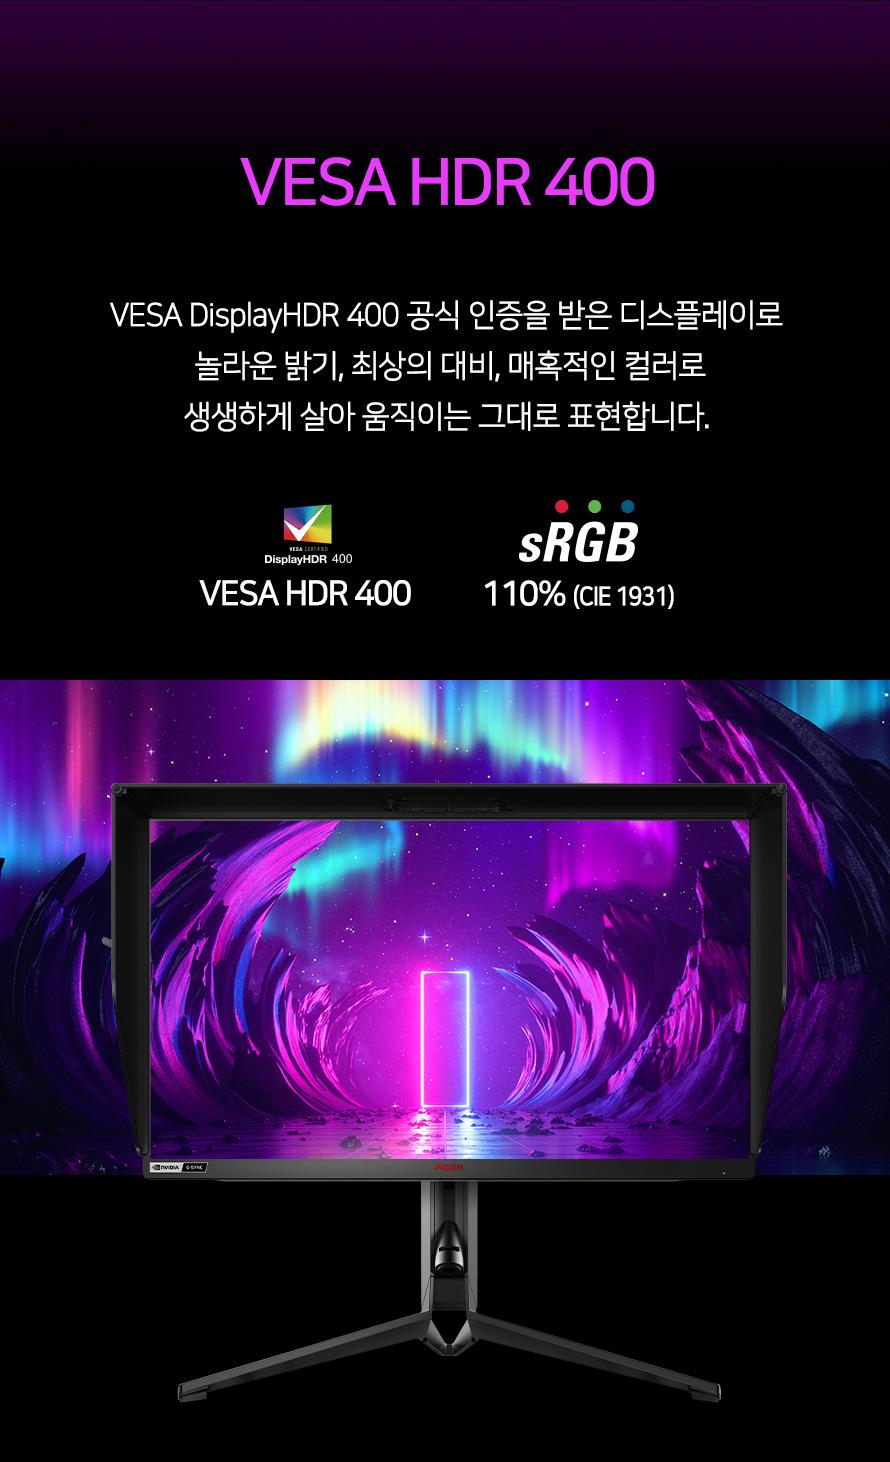 알파스캔 에이건 AGON 254FG 360 지싱크 HDR 400 게이밍 무결점